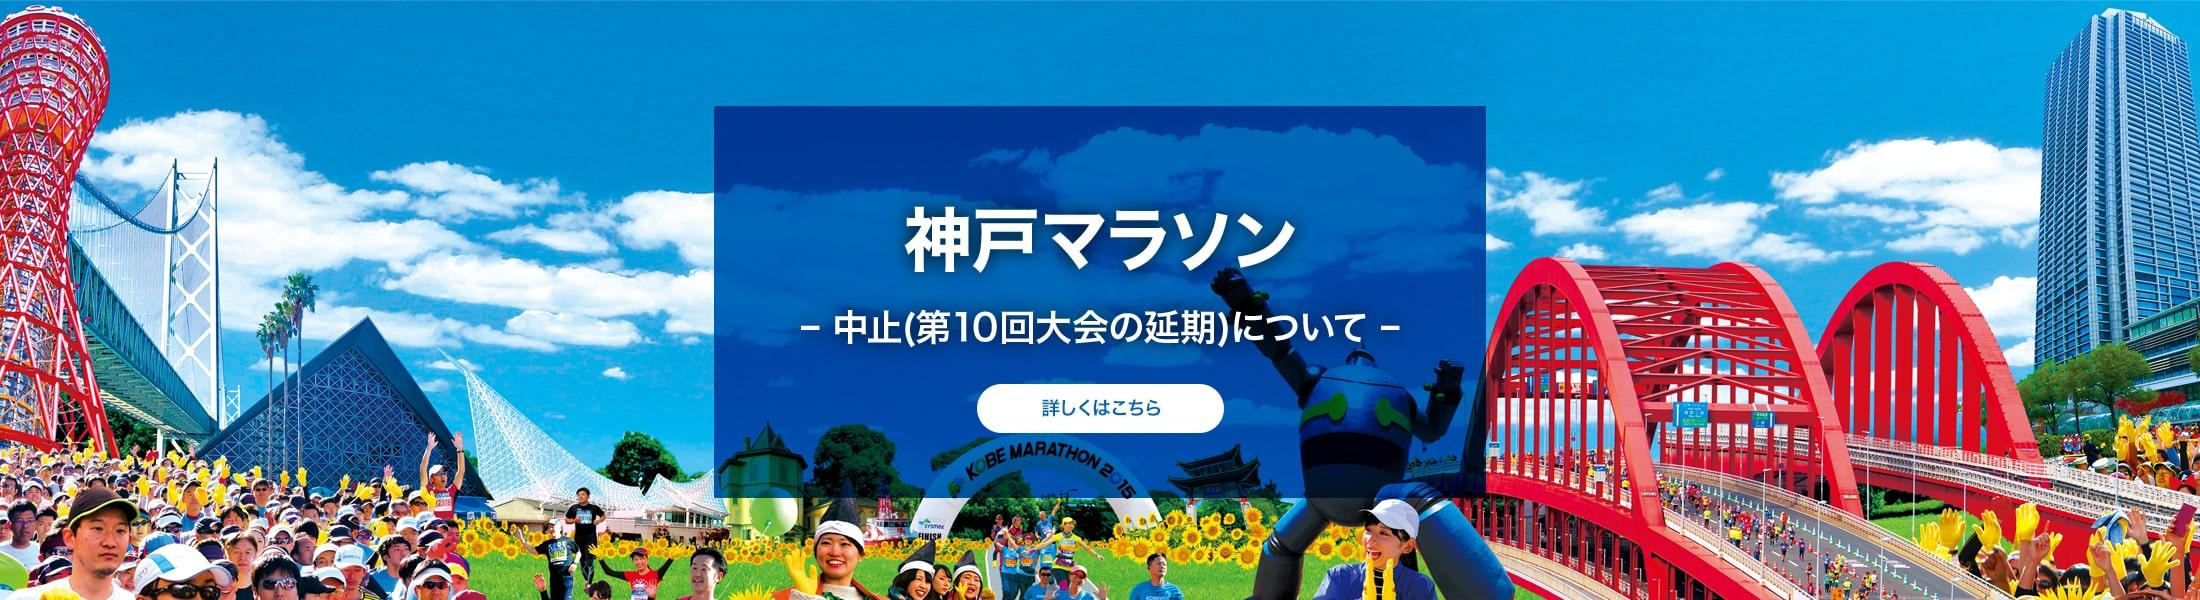 2020 中止 マラソン 神戸